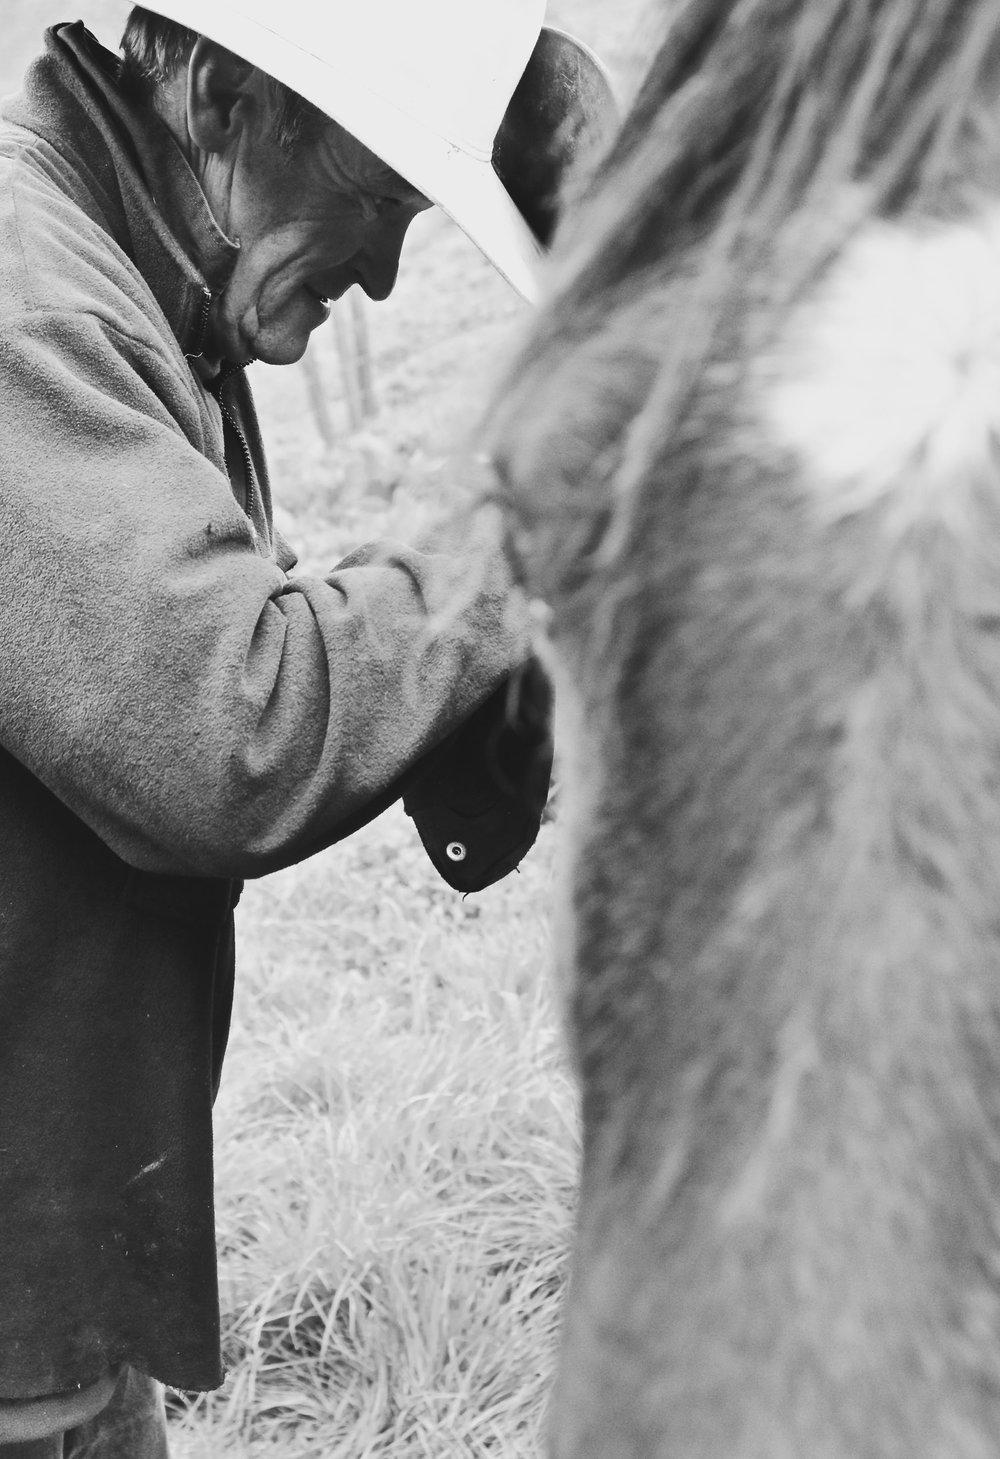 close-up-saddling-up-horse.jpg